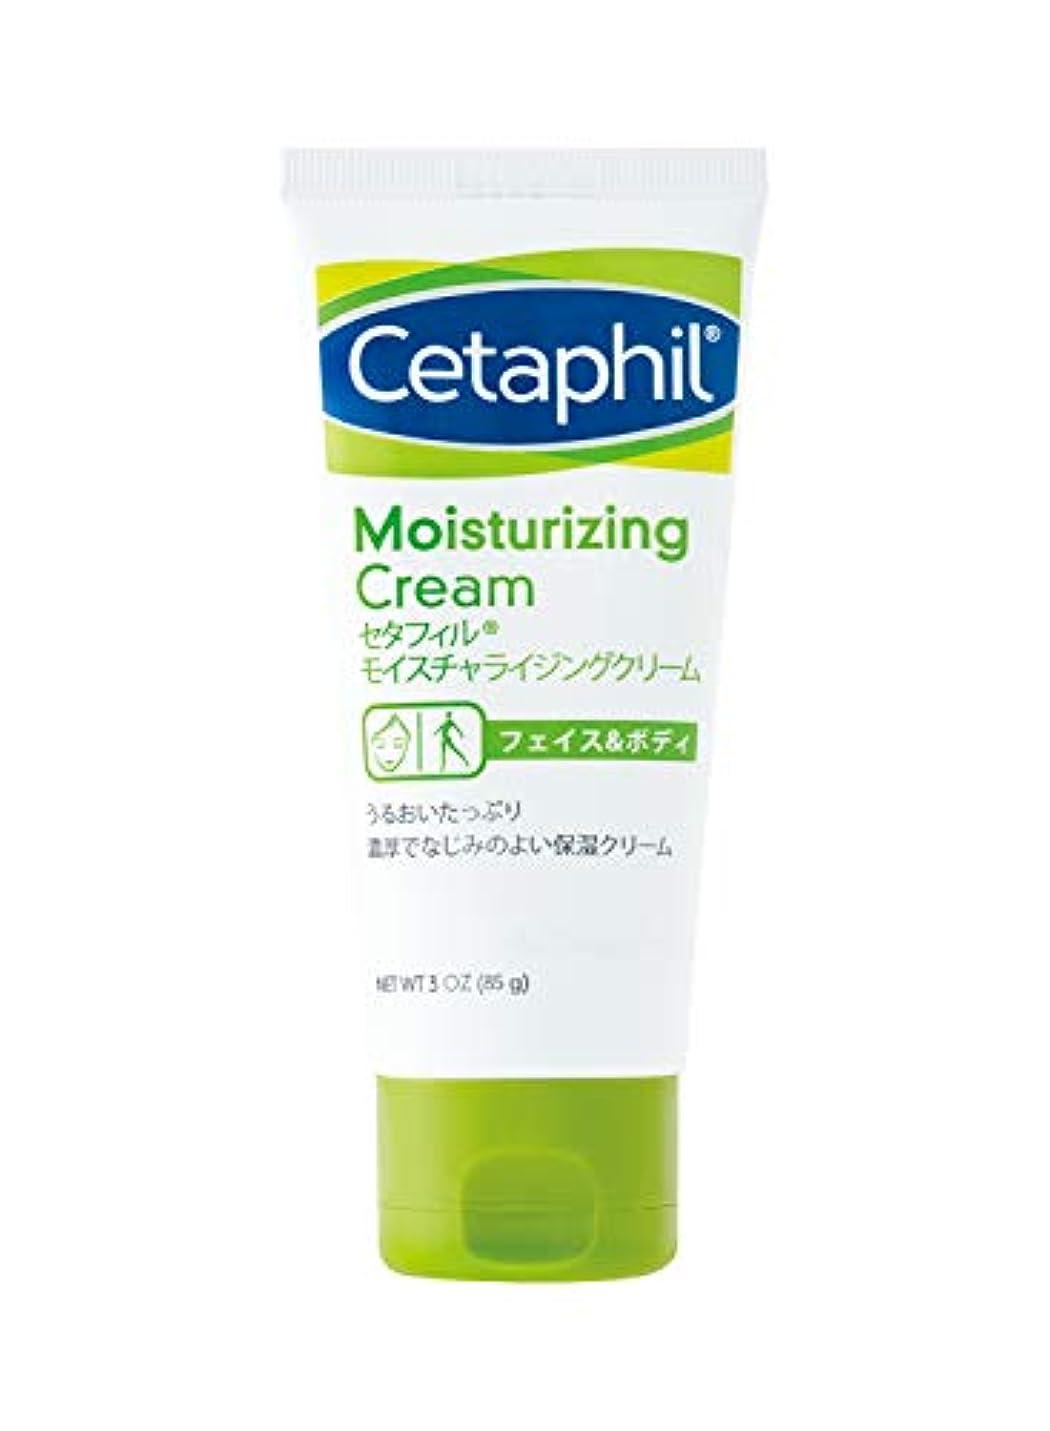 ブローキネマティクスリハーサルセタフィル Cetaphil ® モイスチャライジングクリーム 85g ( フェイス & ボディ 保湿クリーム クリーム )